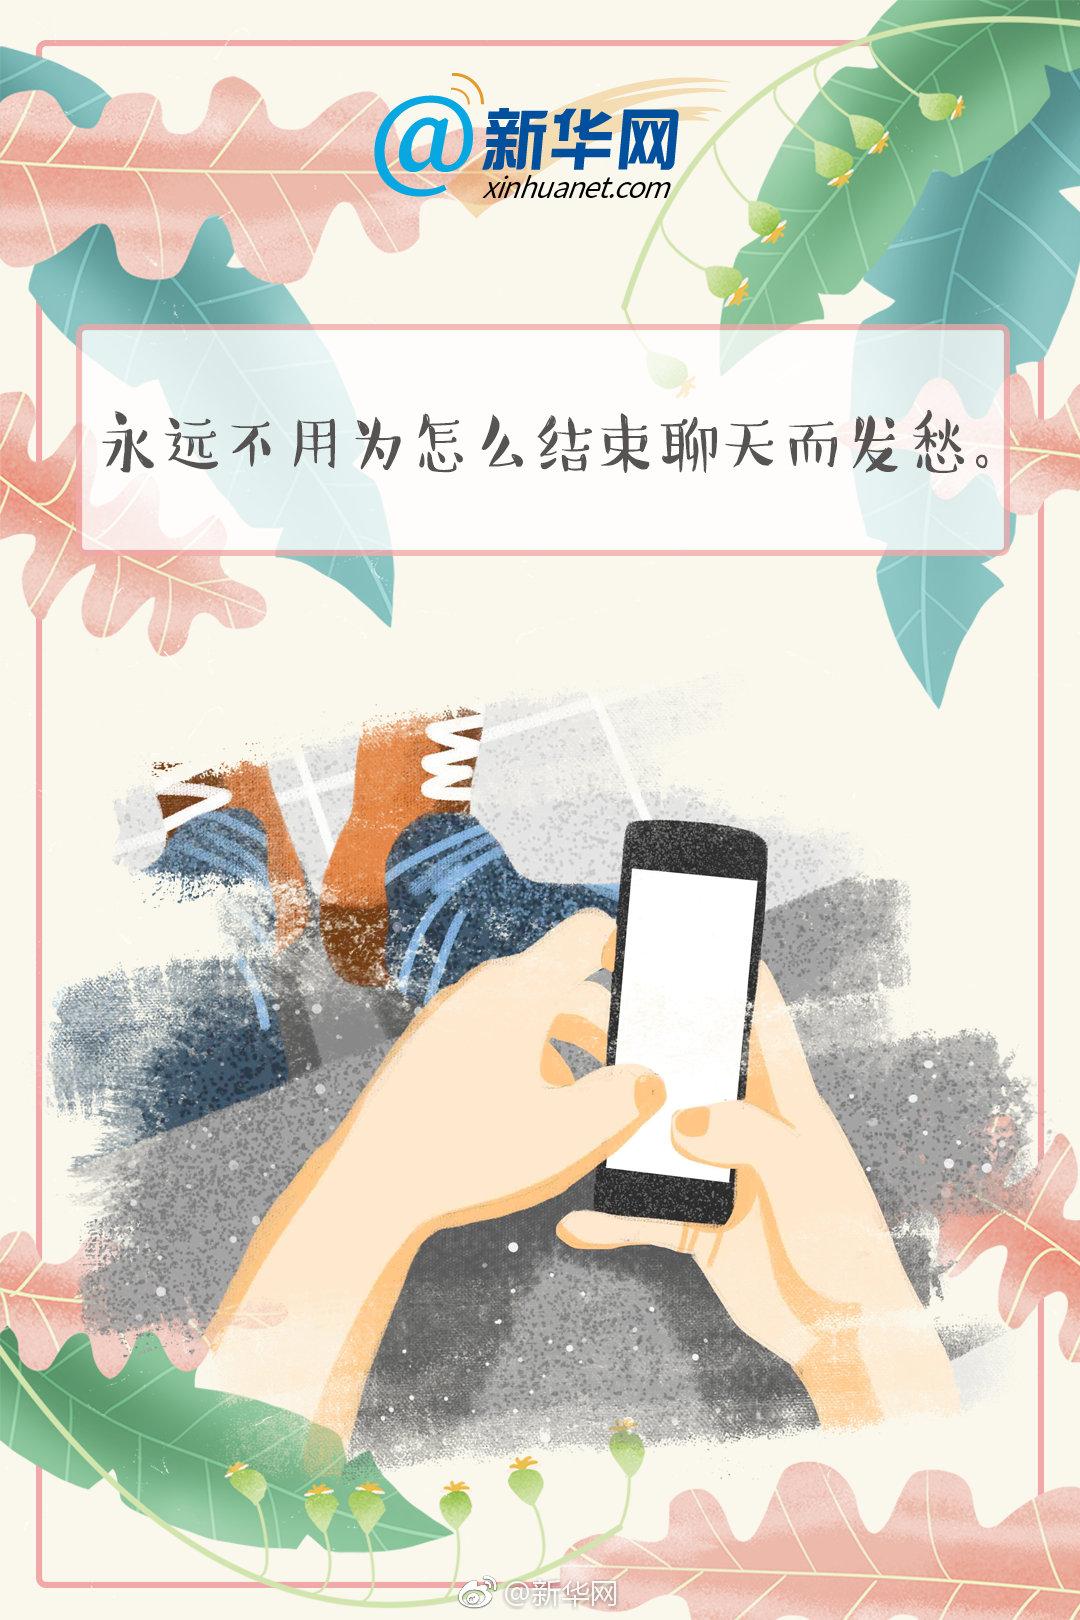 上海十一选五平台-点击进入首页